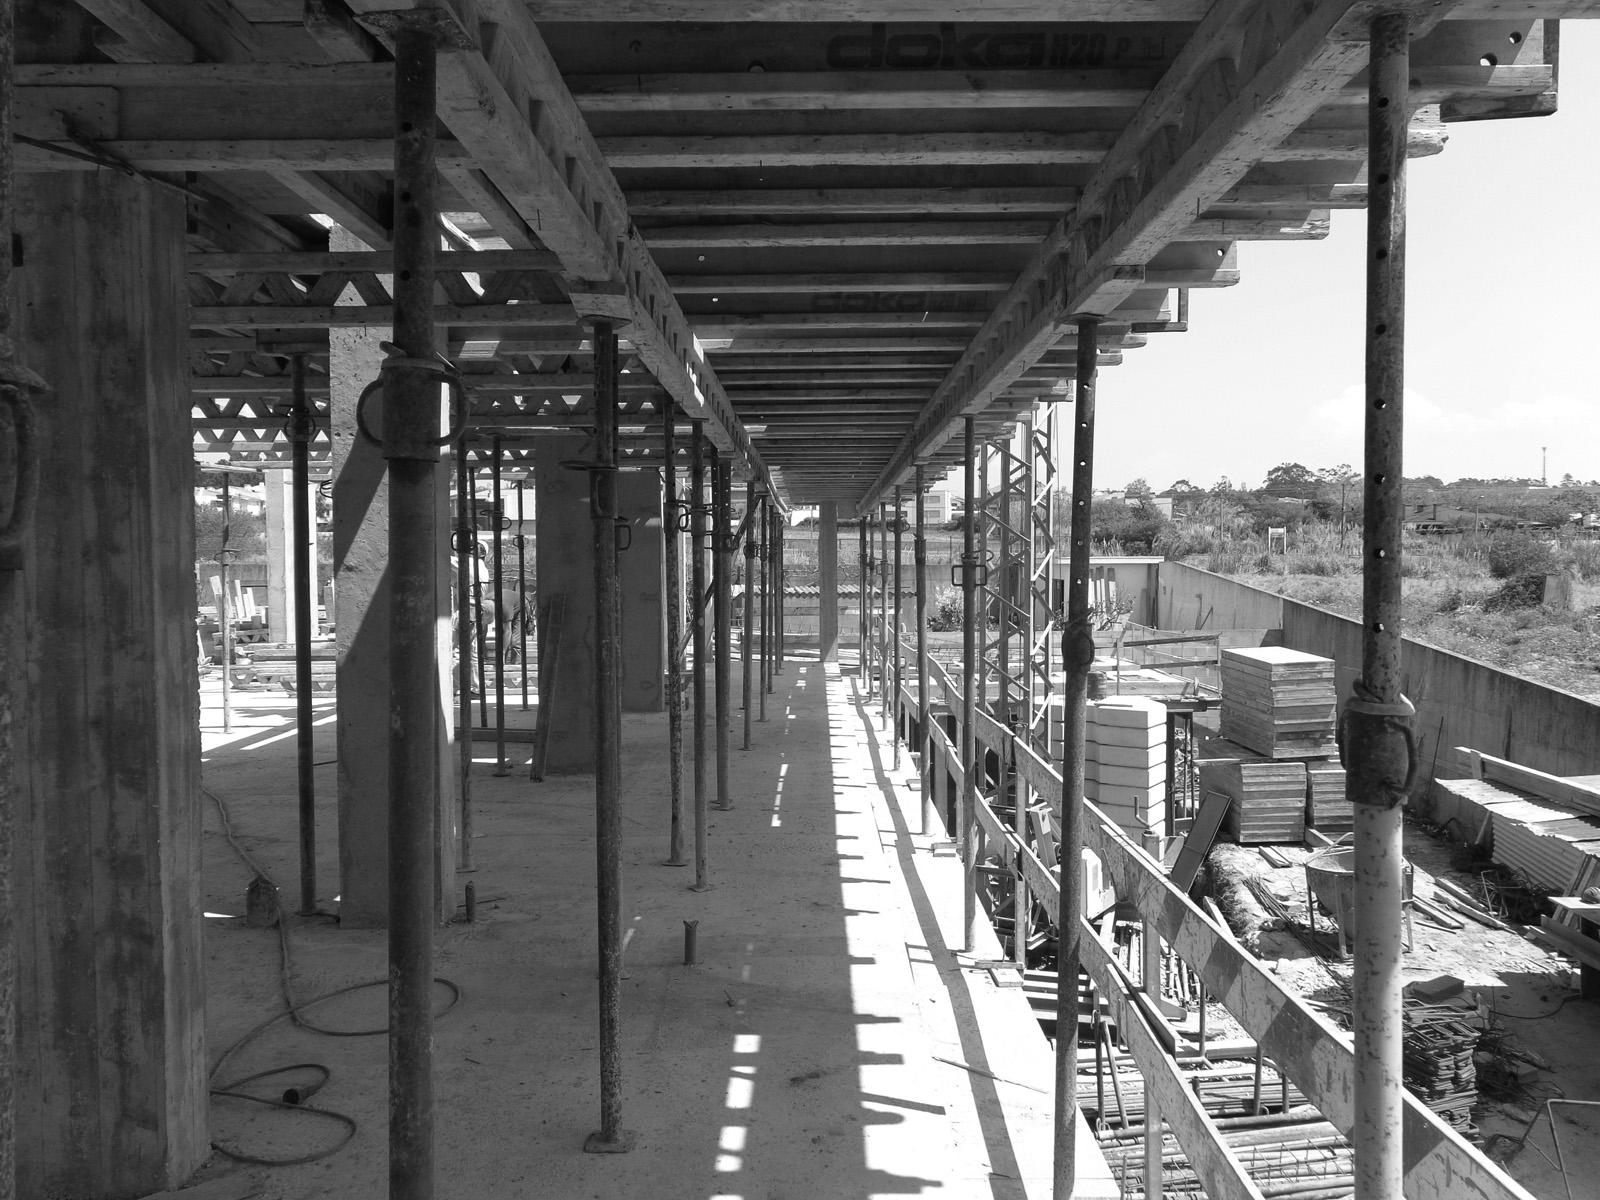 Moradia Alfazema - Construção - EVA evolutionary architecture - arquitectos porto - arquitectura (6).jpg